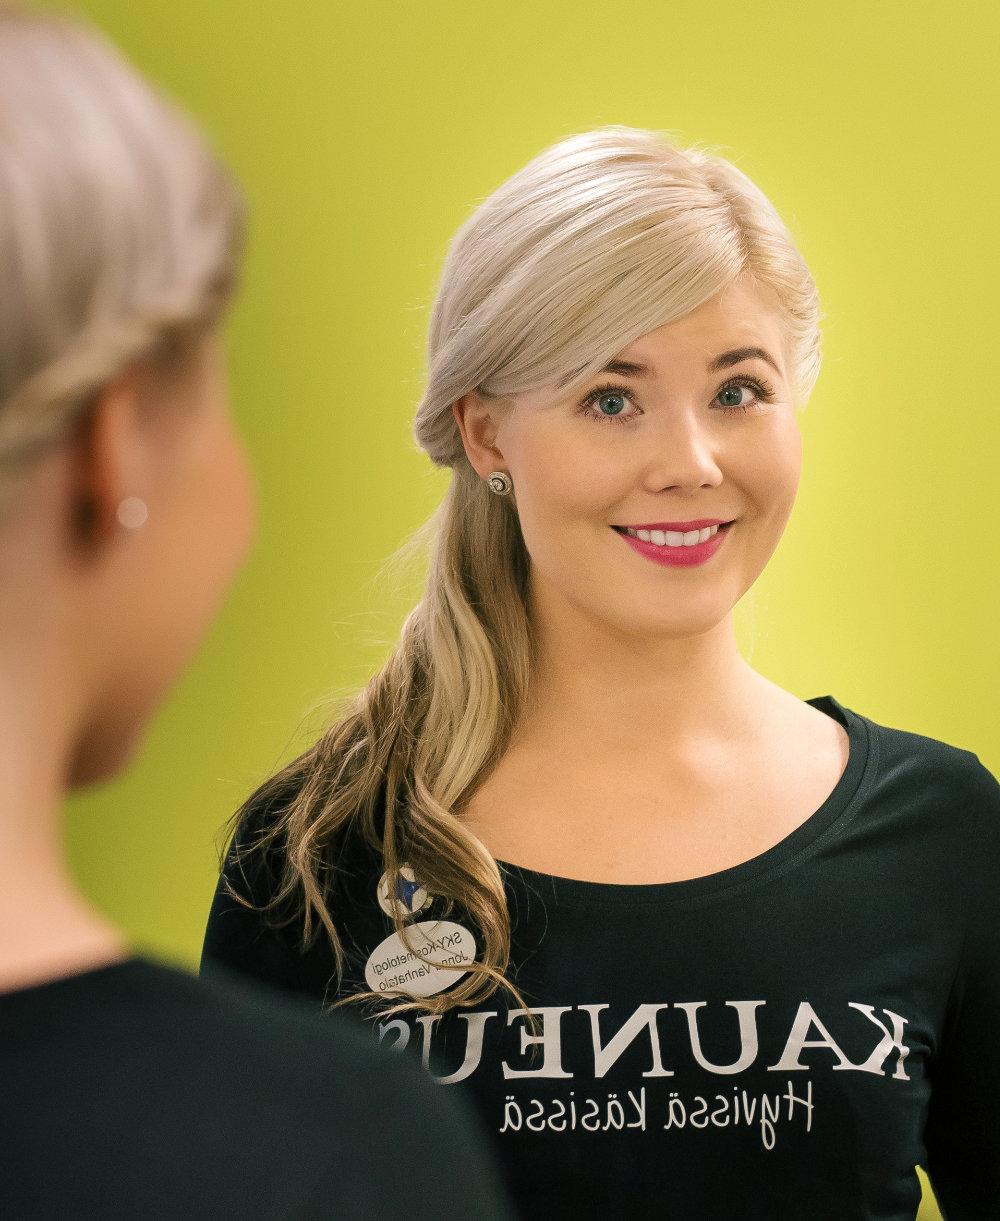 Jonna Vanhatalo